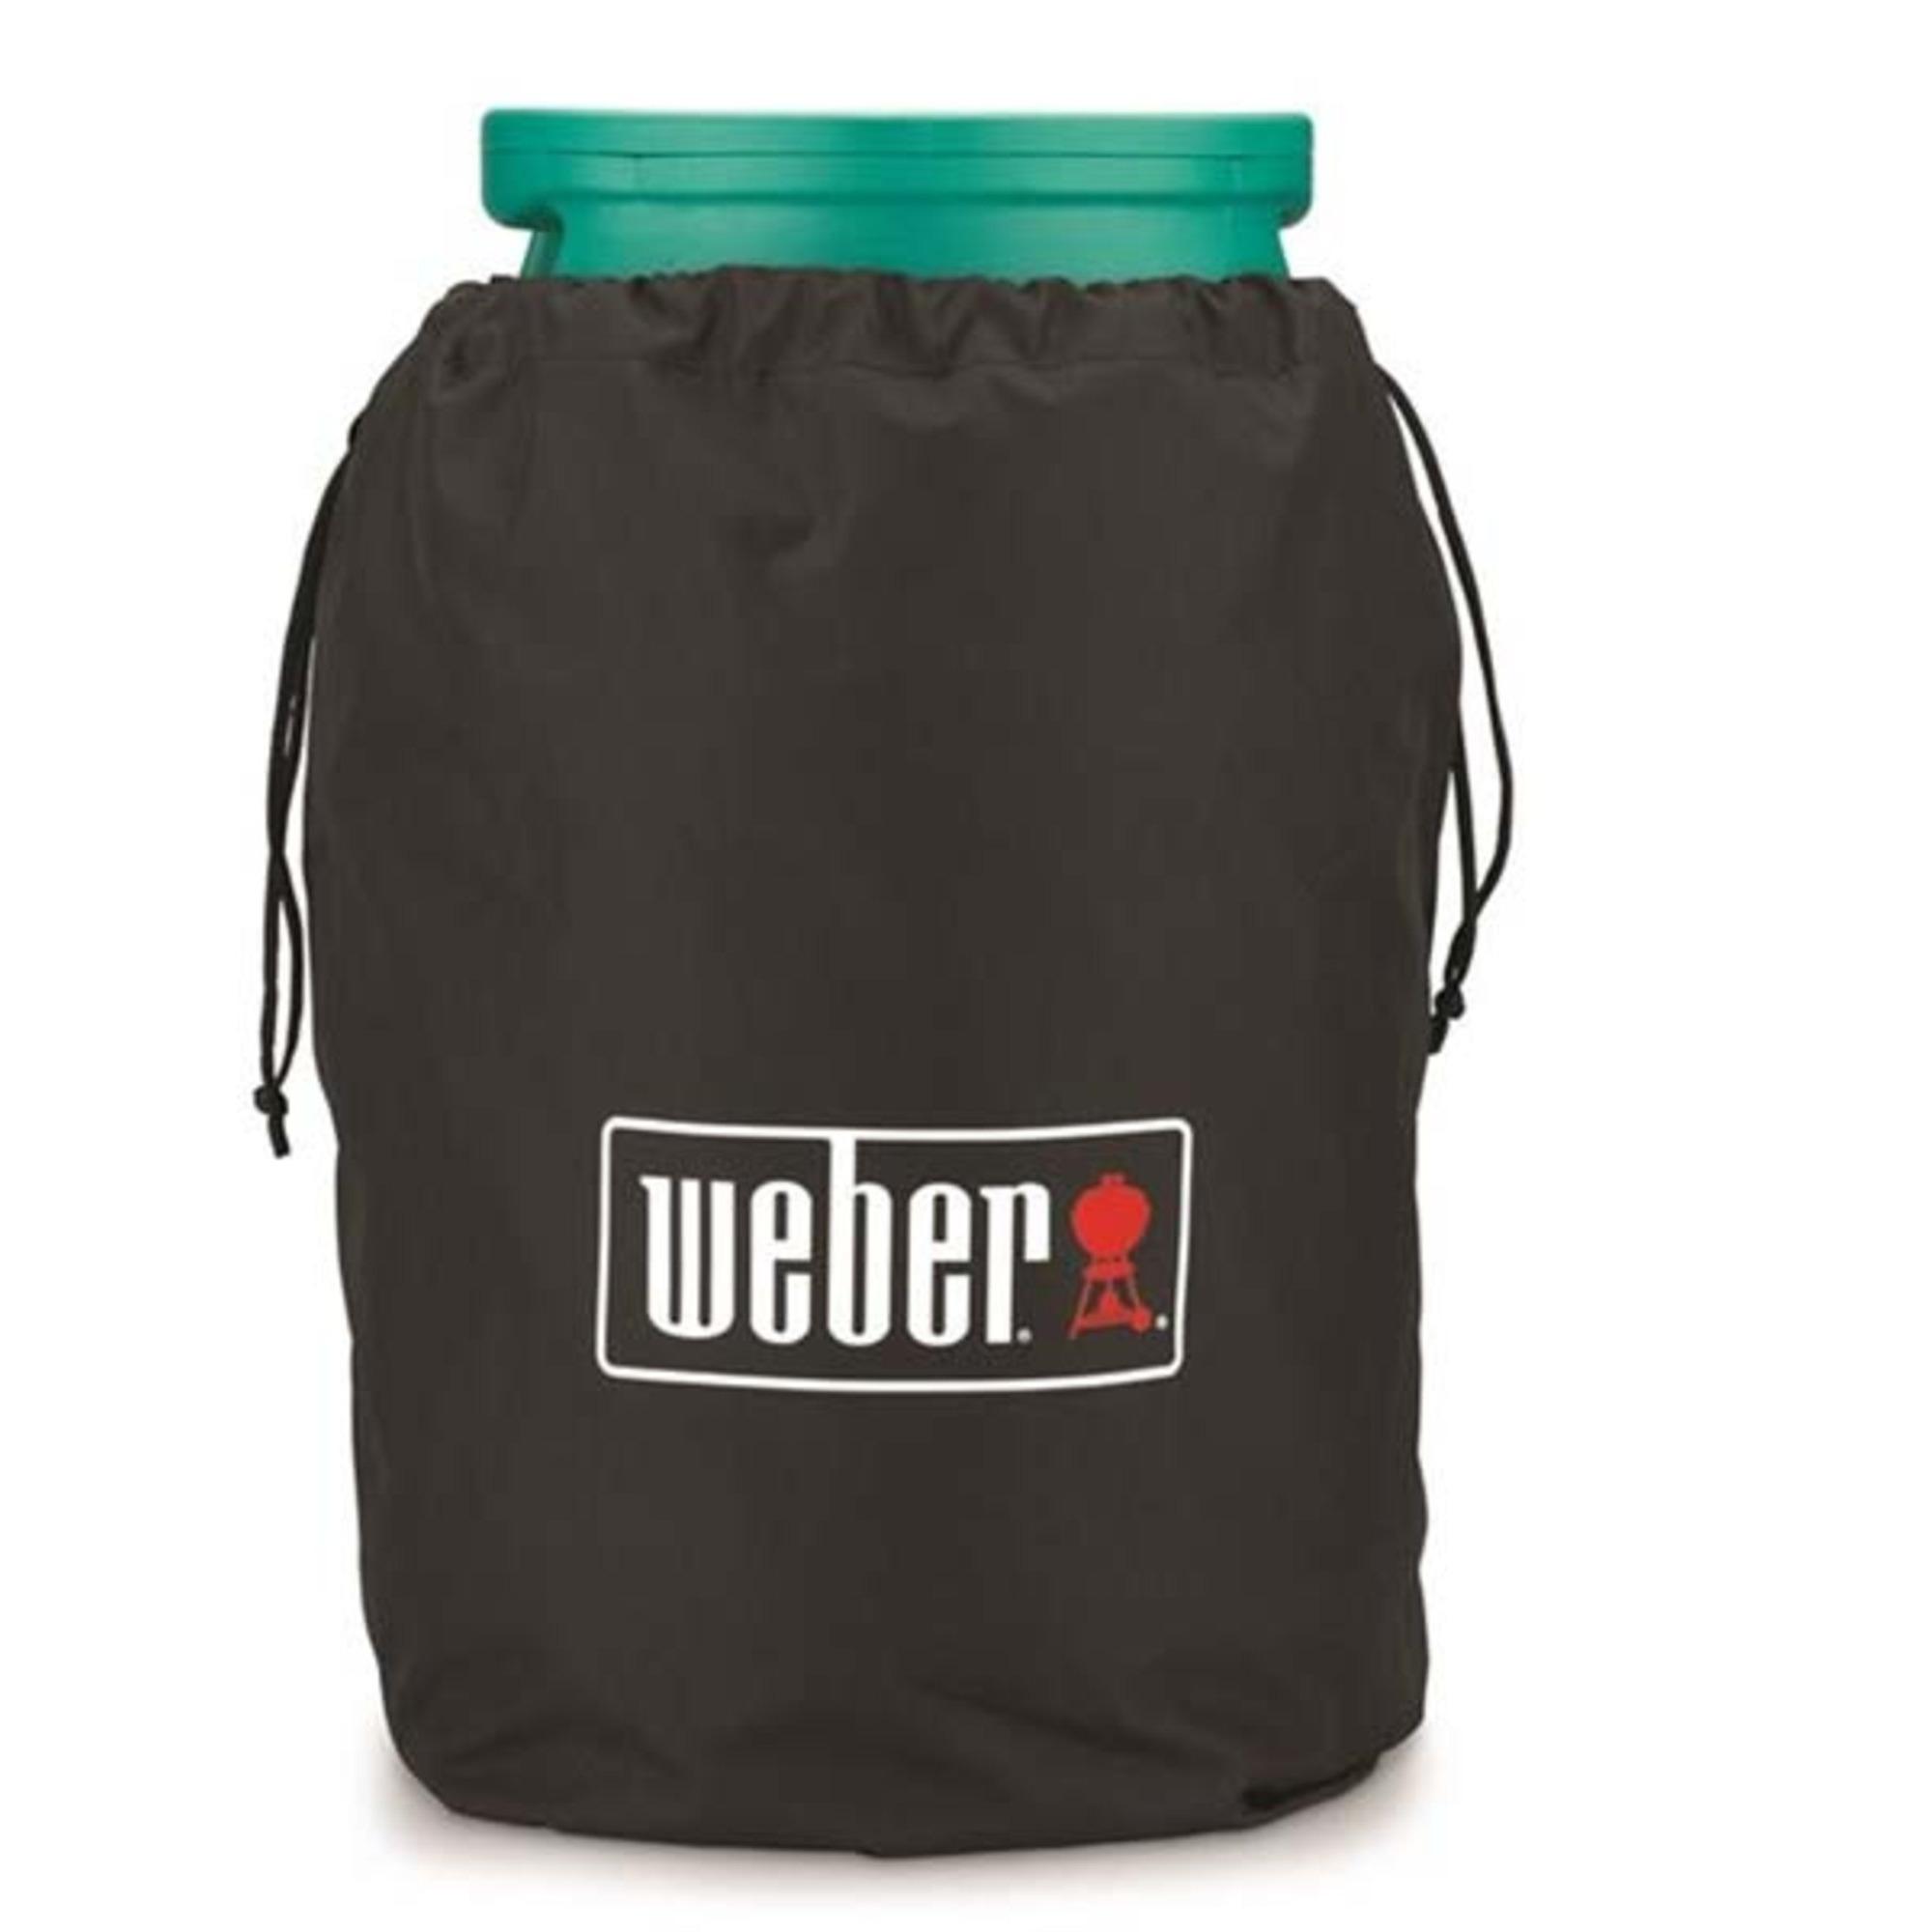 Weber Original Gasolflasköverdrag 10 kg